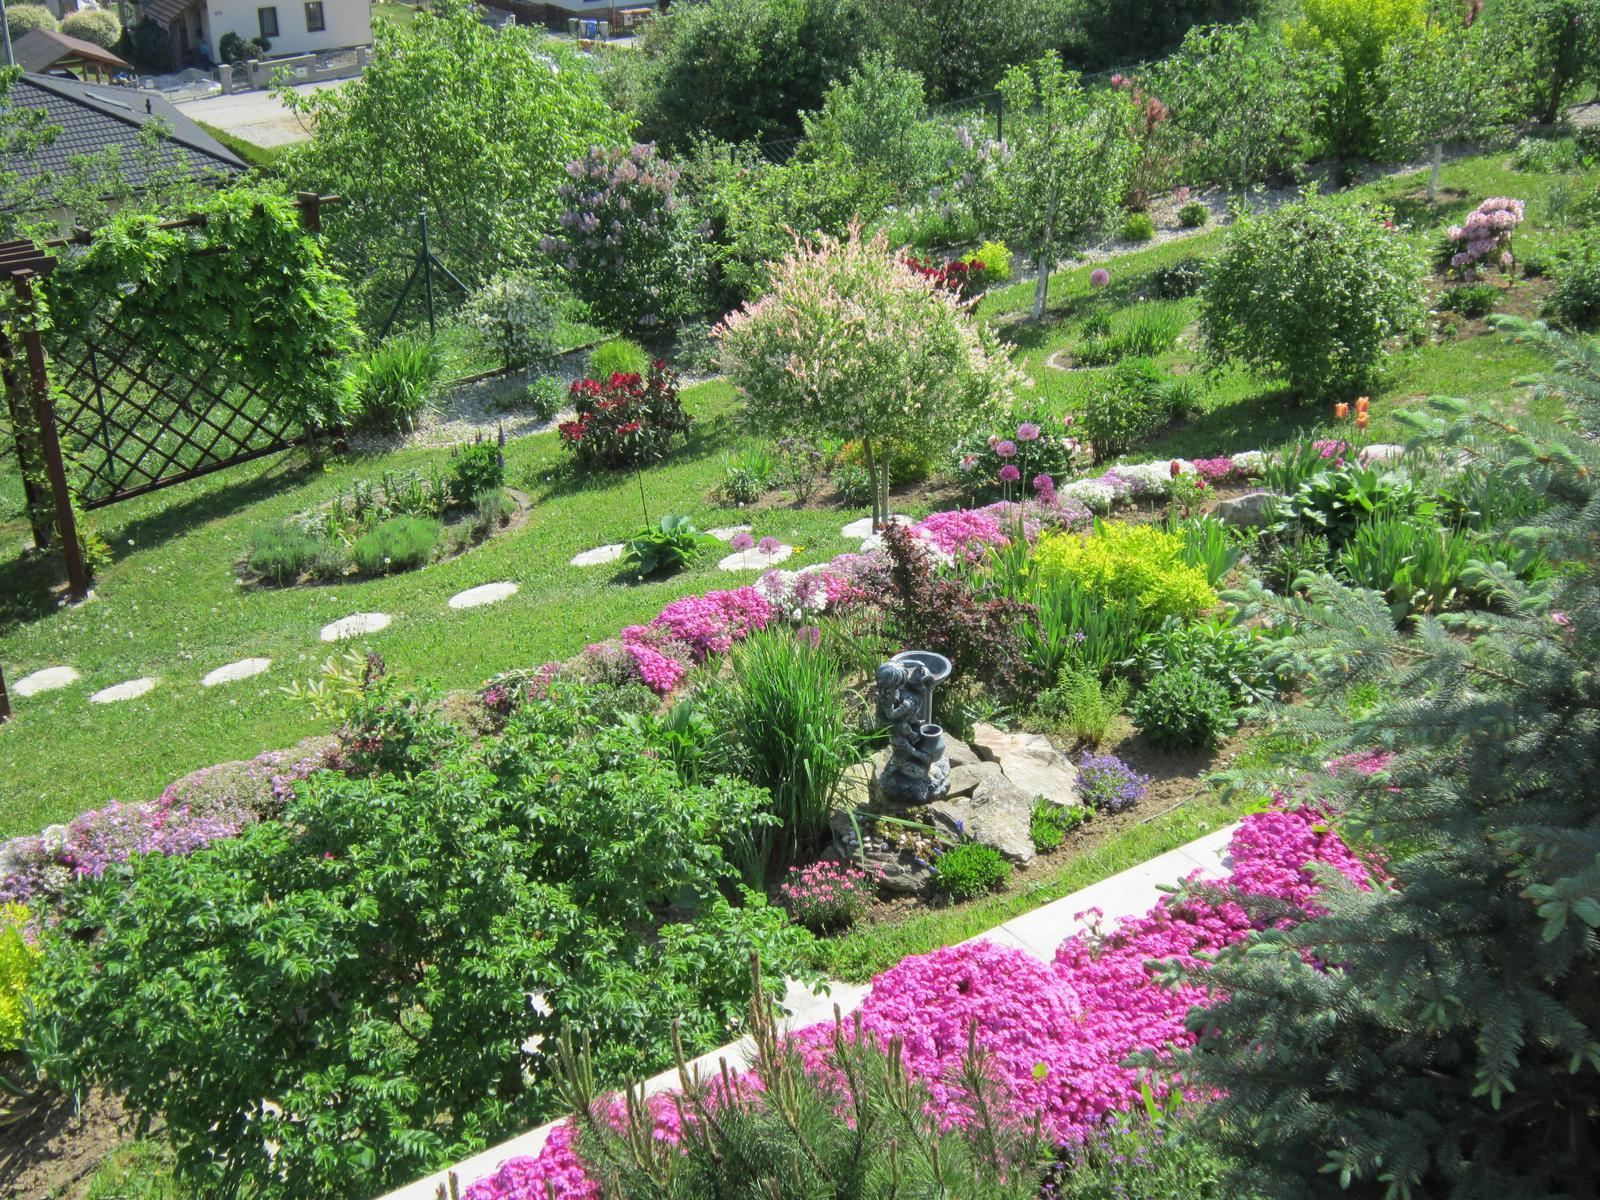 Pozvanie do našej jarnej záhrady - Rozrastáme sa...